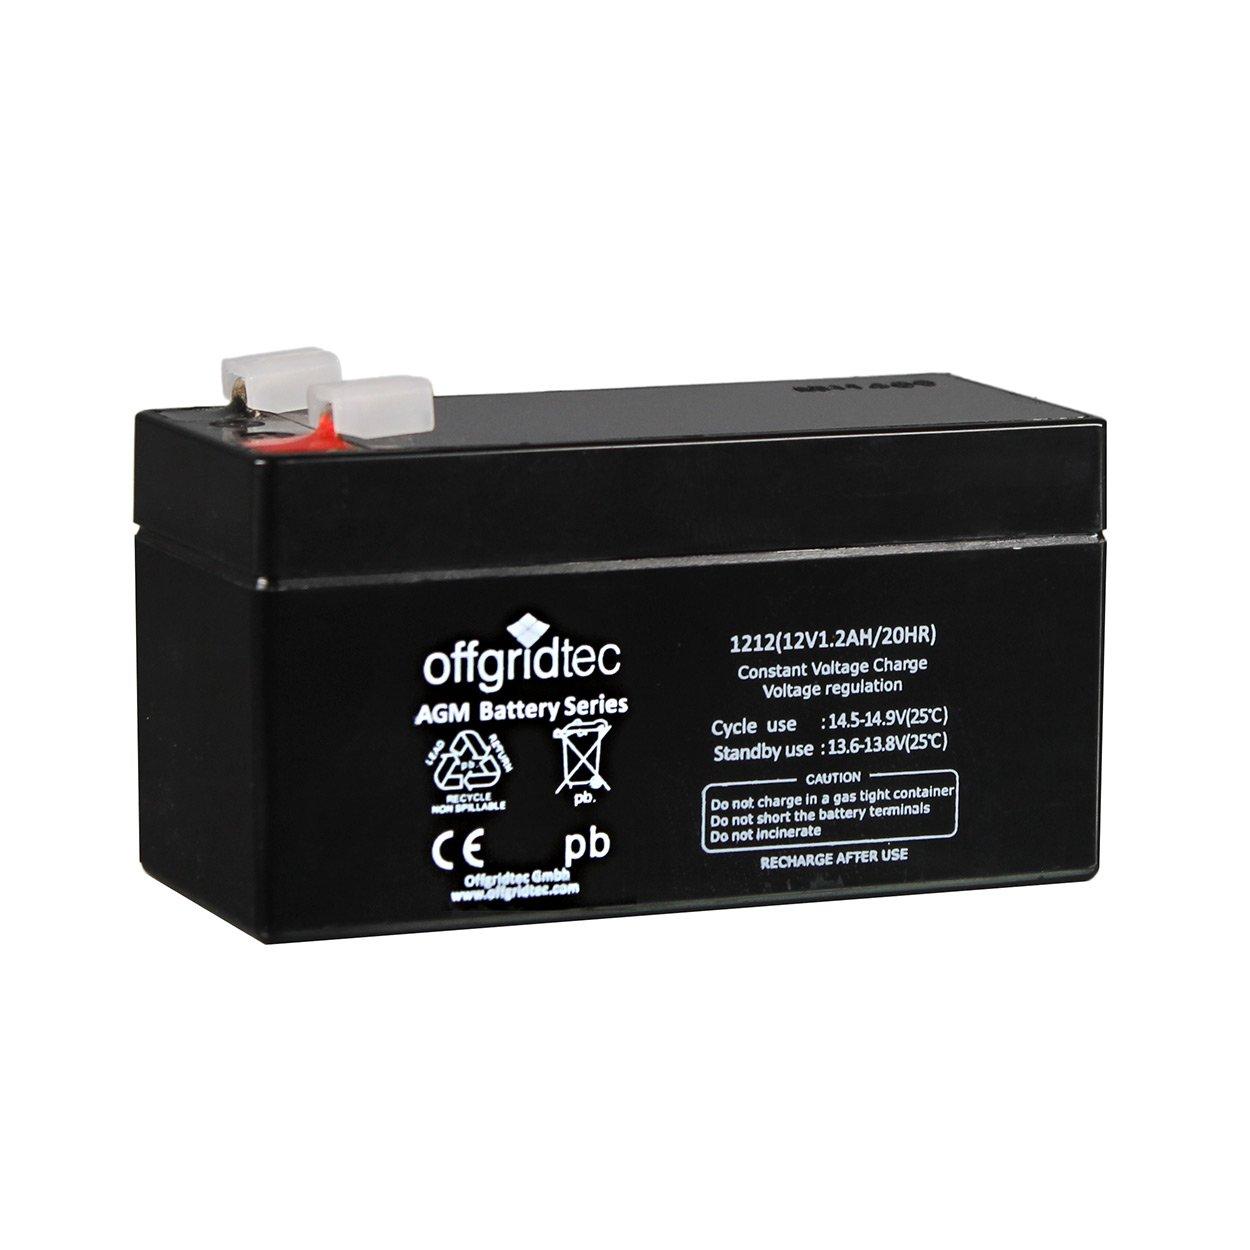 Offgridtec AGM Solar Batterie fü r zyklische Anwendungen 4,2 Ah C 10, 2-01-001475